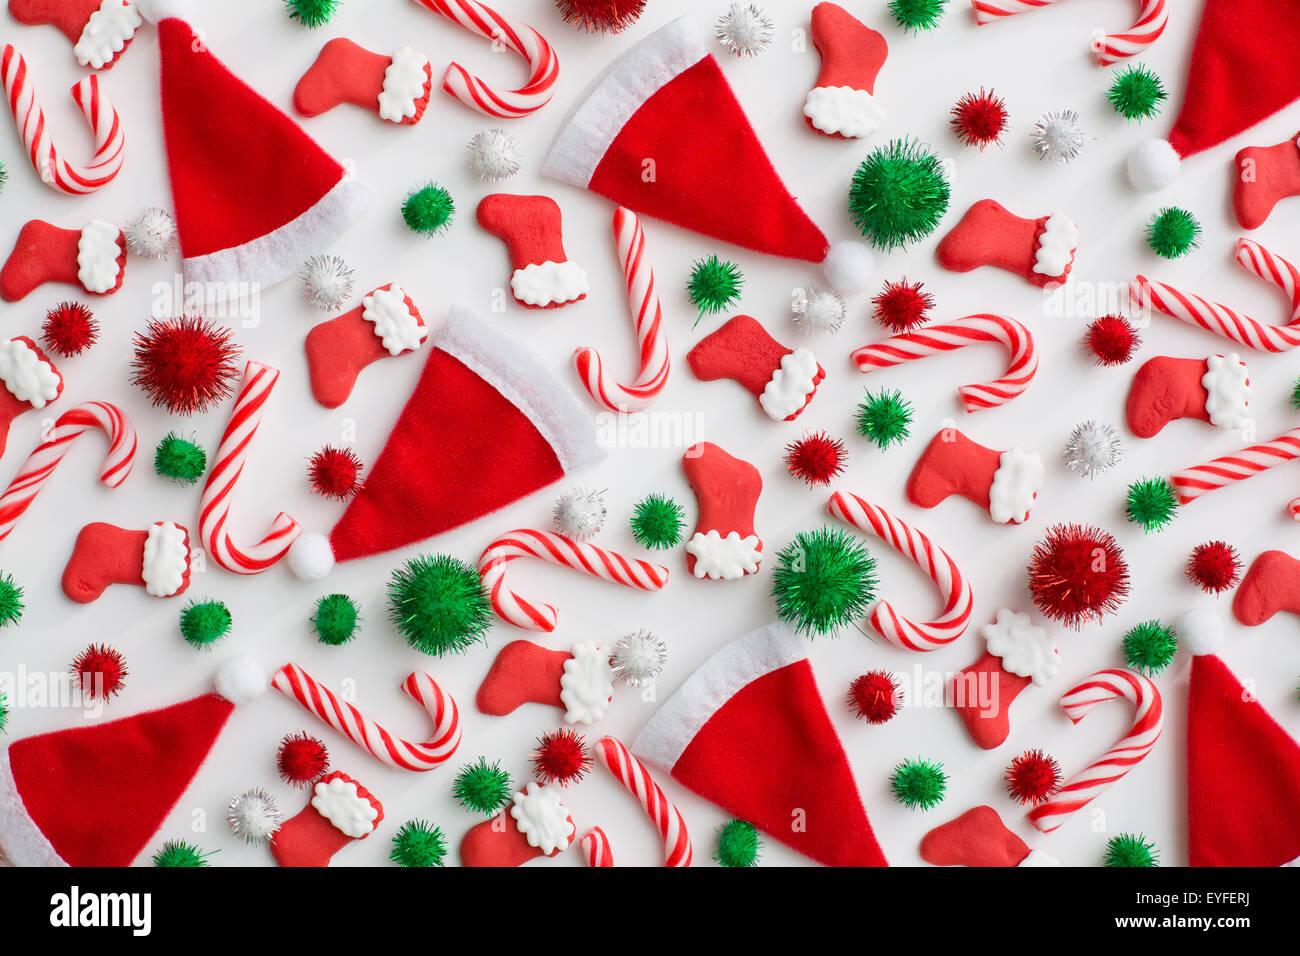 Decoración de Navidad de santa sombreros, bastones de caramelo y medias de Navidad Imagen De Stock